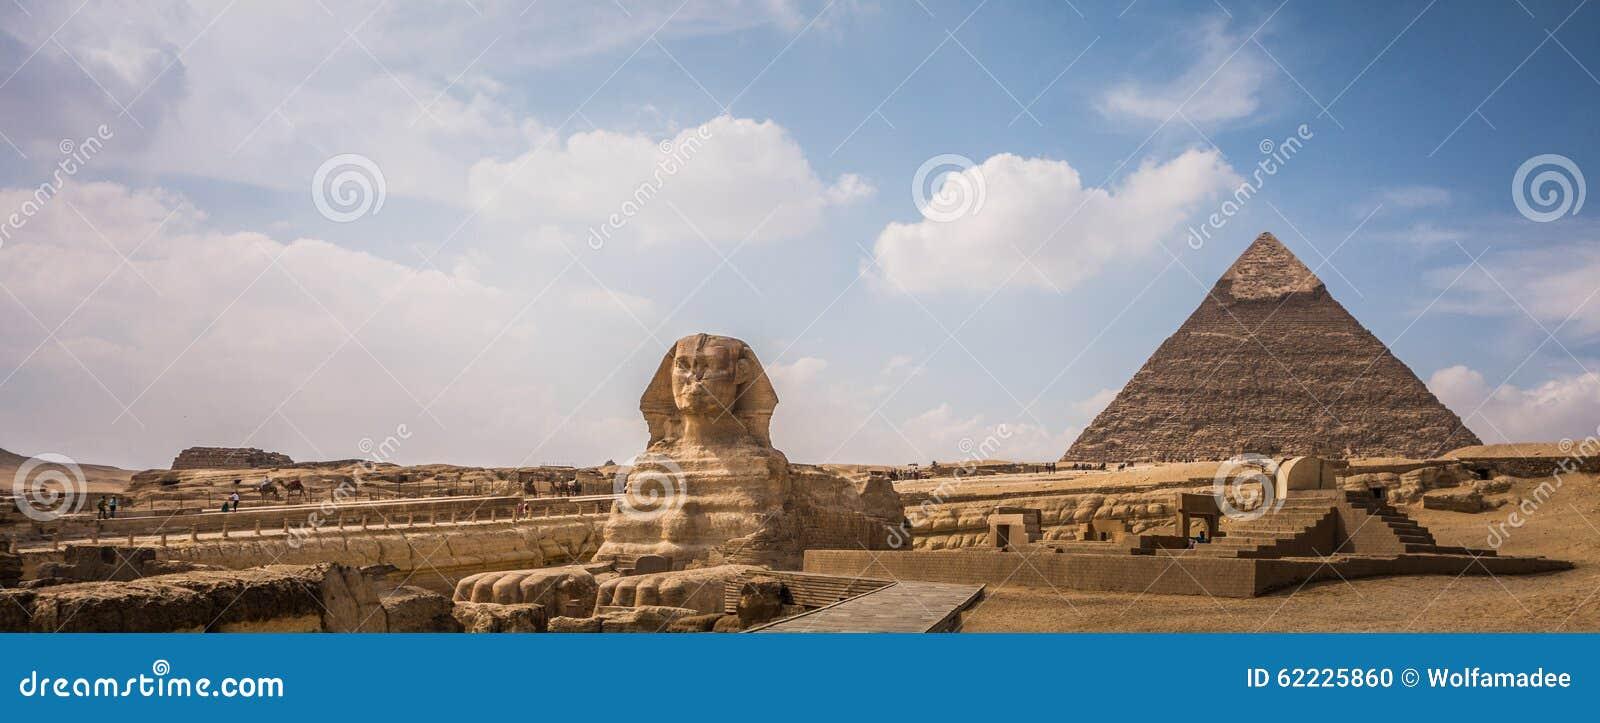 Pyramiden von Giseh mit Sphinxe, Ägypten